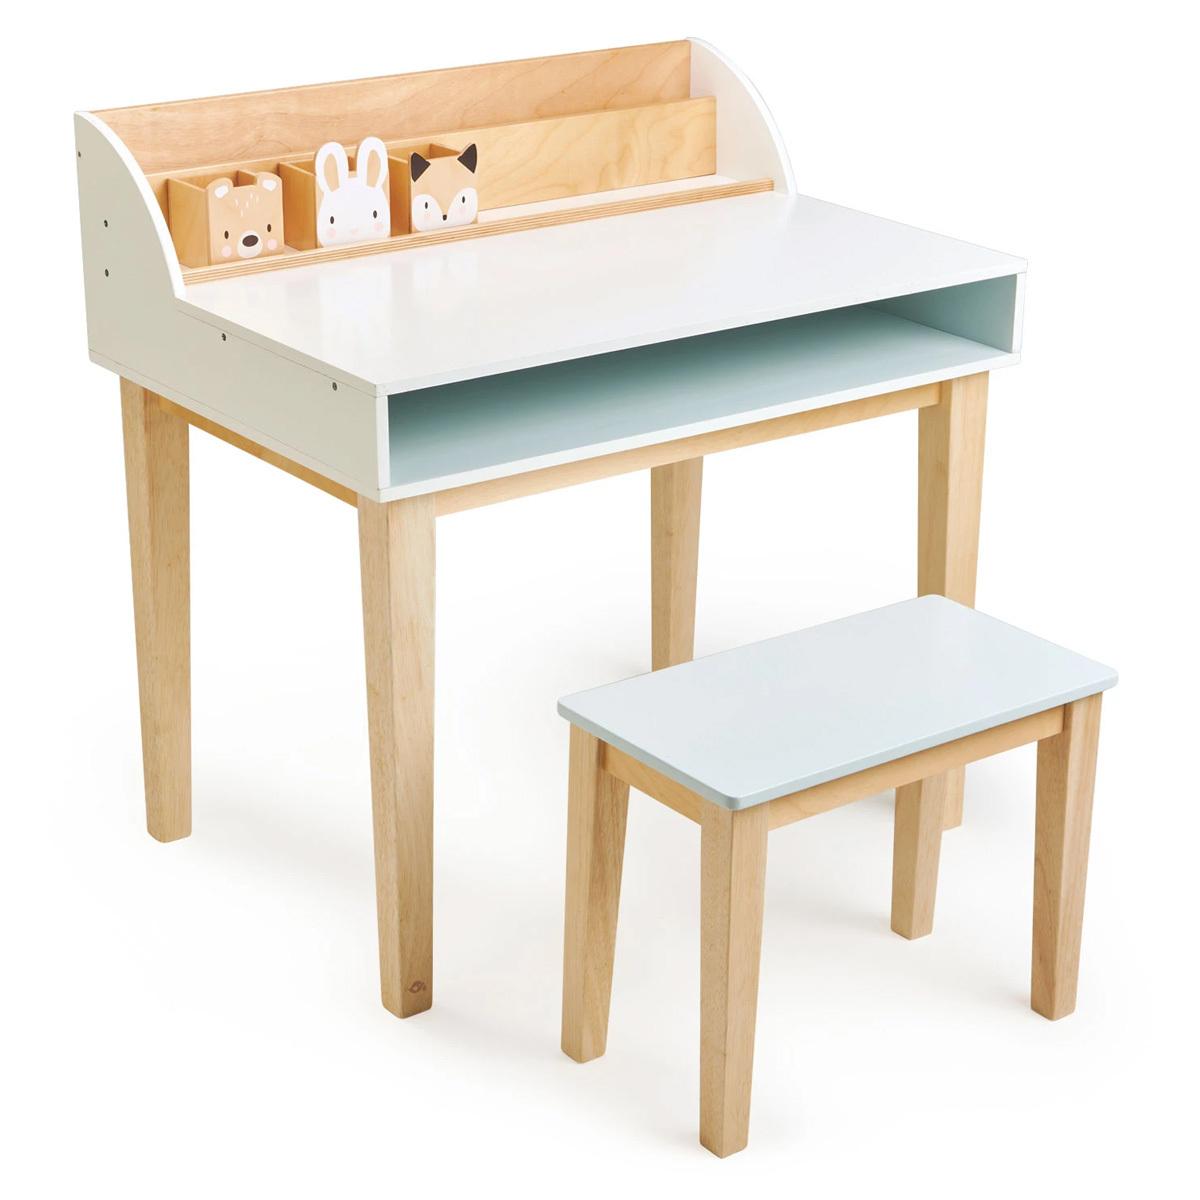 Table & Chaise Bureau et Chaise - Blanc et Naturel Bureau et Chaise - Blanc et Naturel